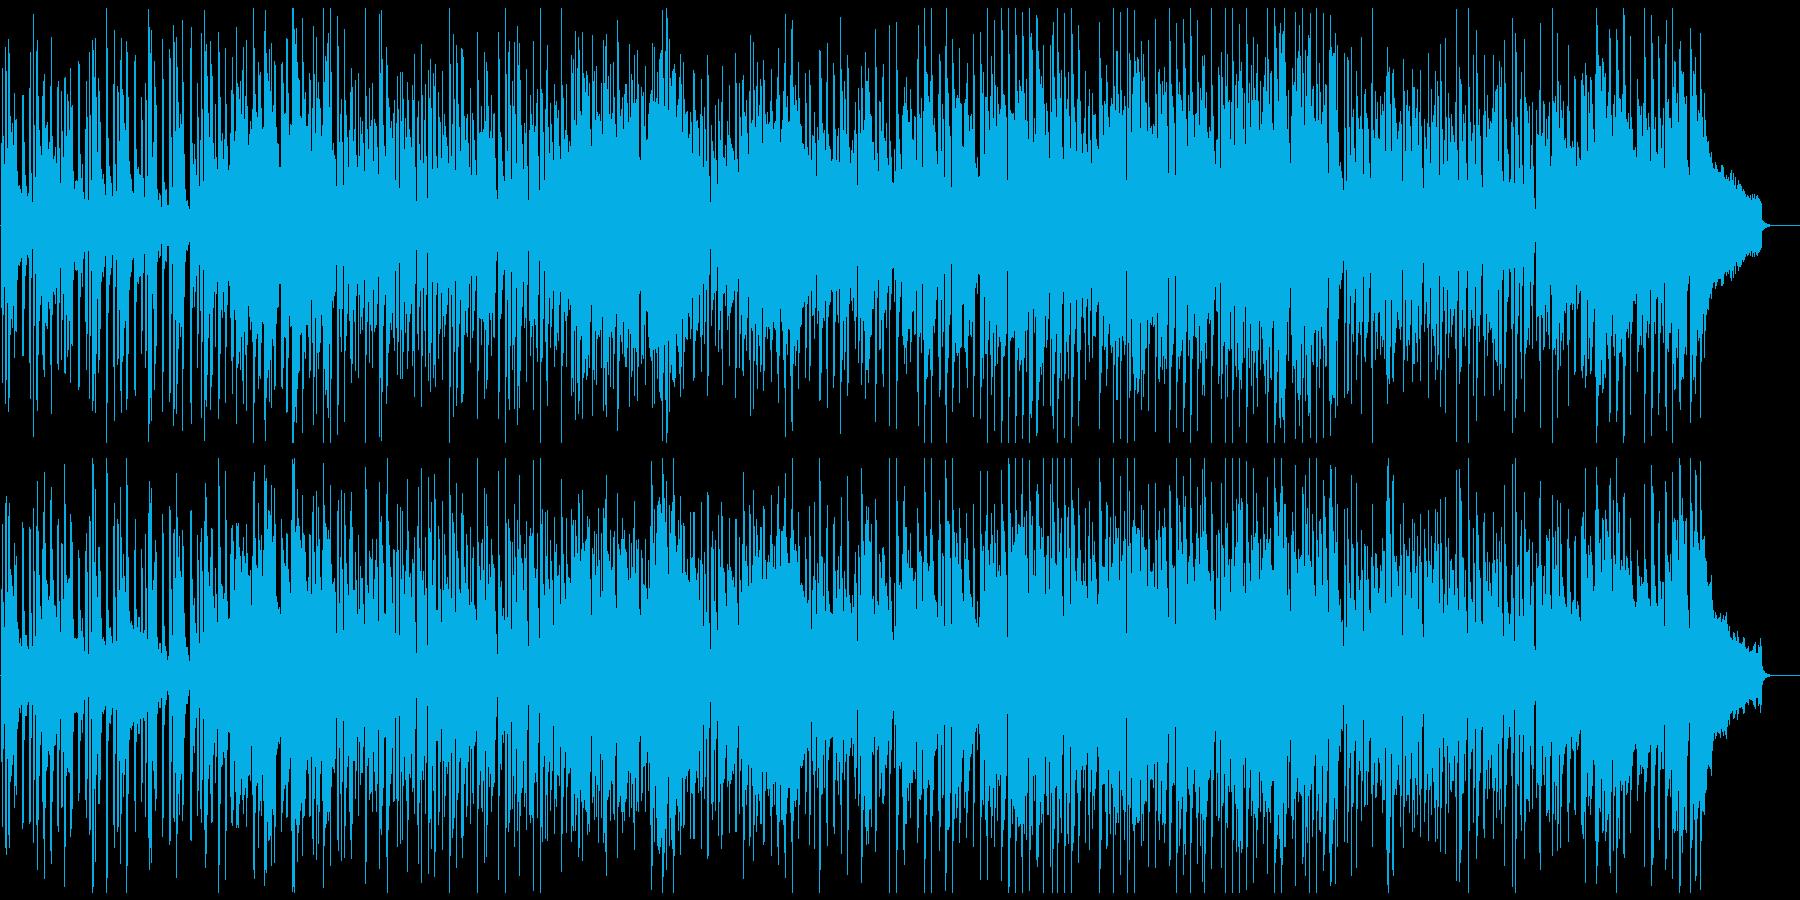 管楽器ファンク、ノリノリ、サックス生演奏の再生済みの波形